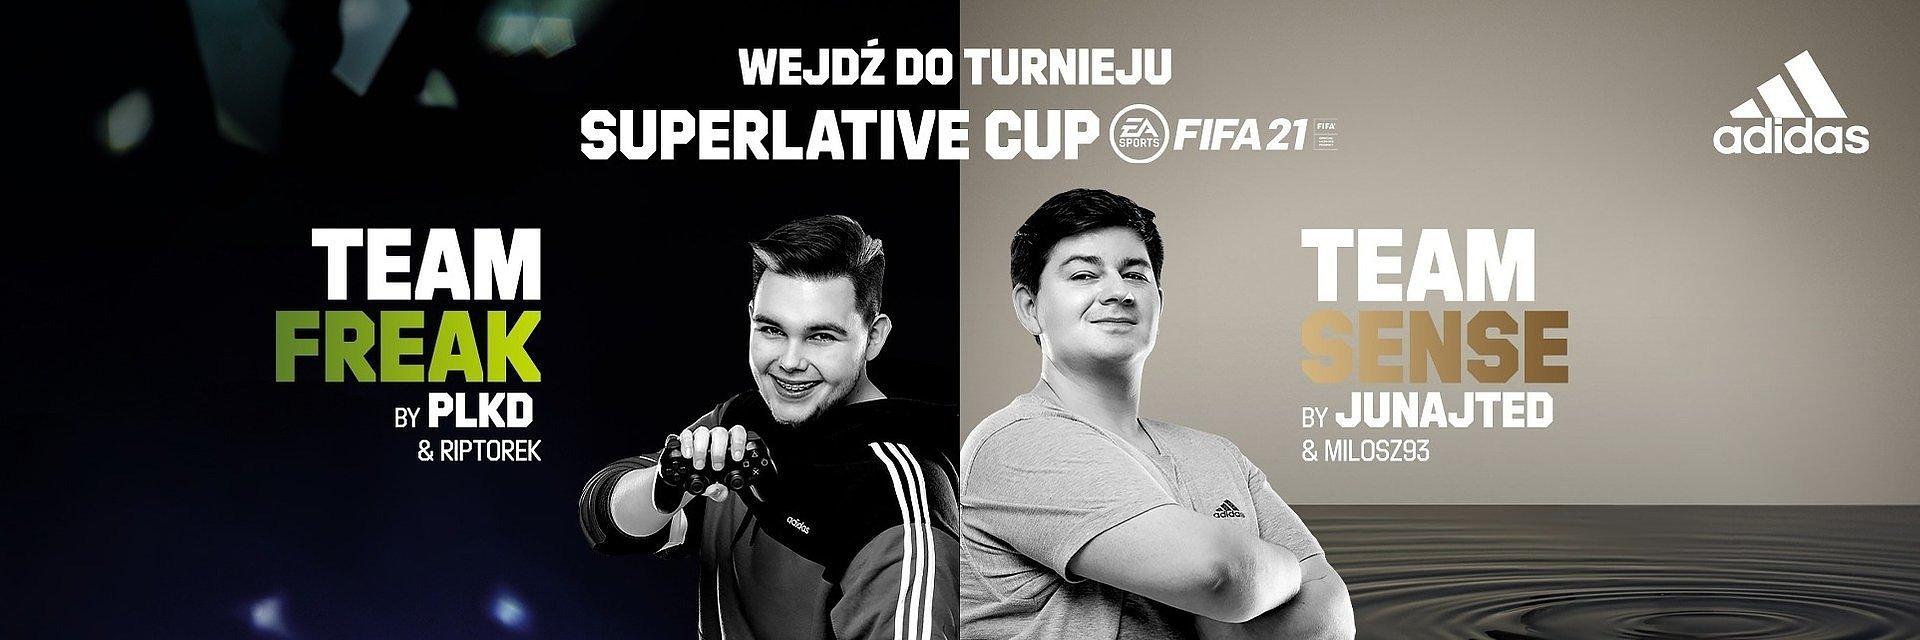 adidas Superlative Cup – pierwszy taki turniej w FIFA 21